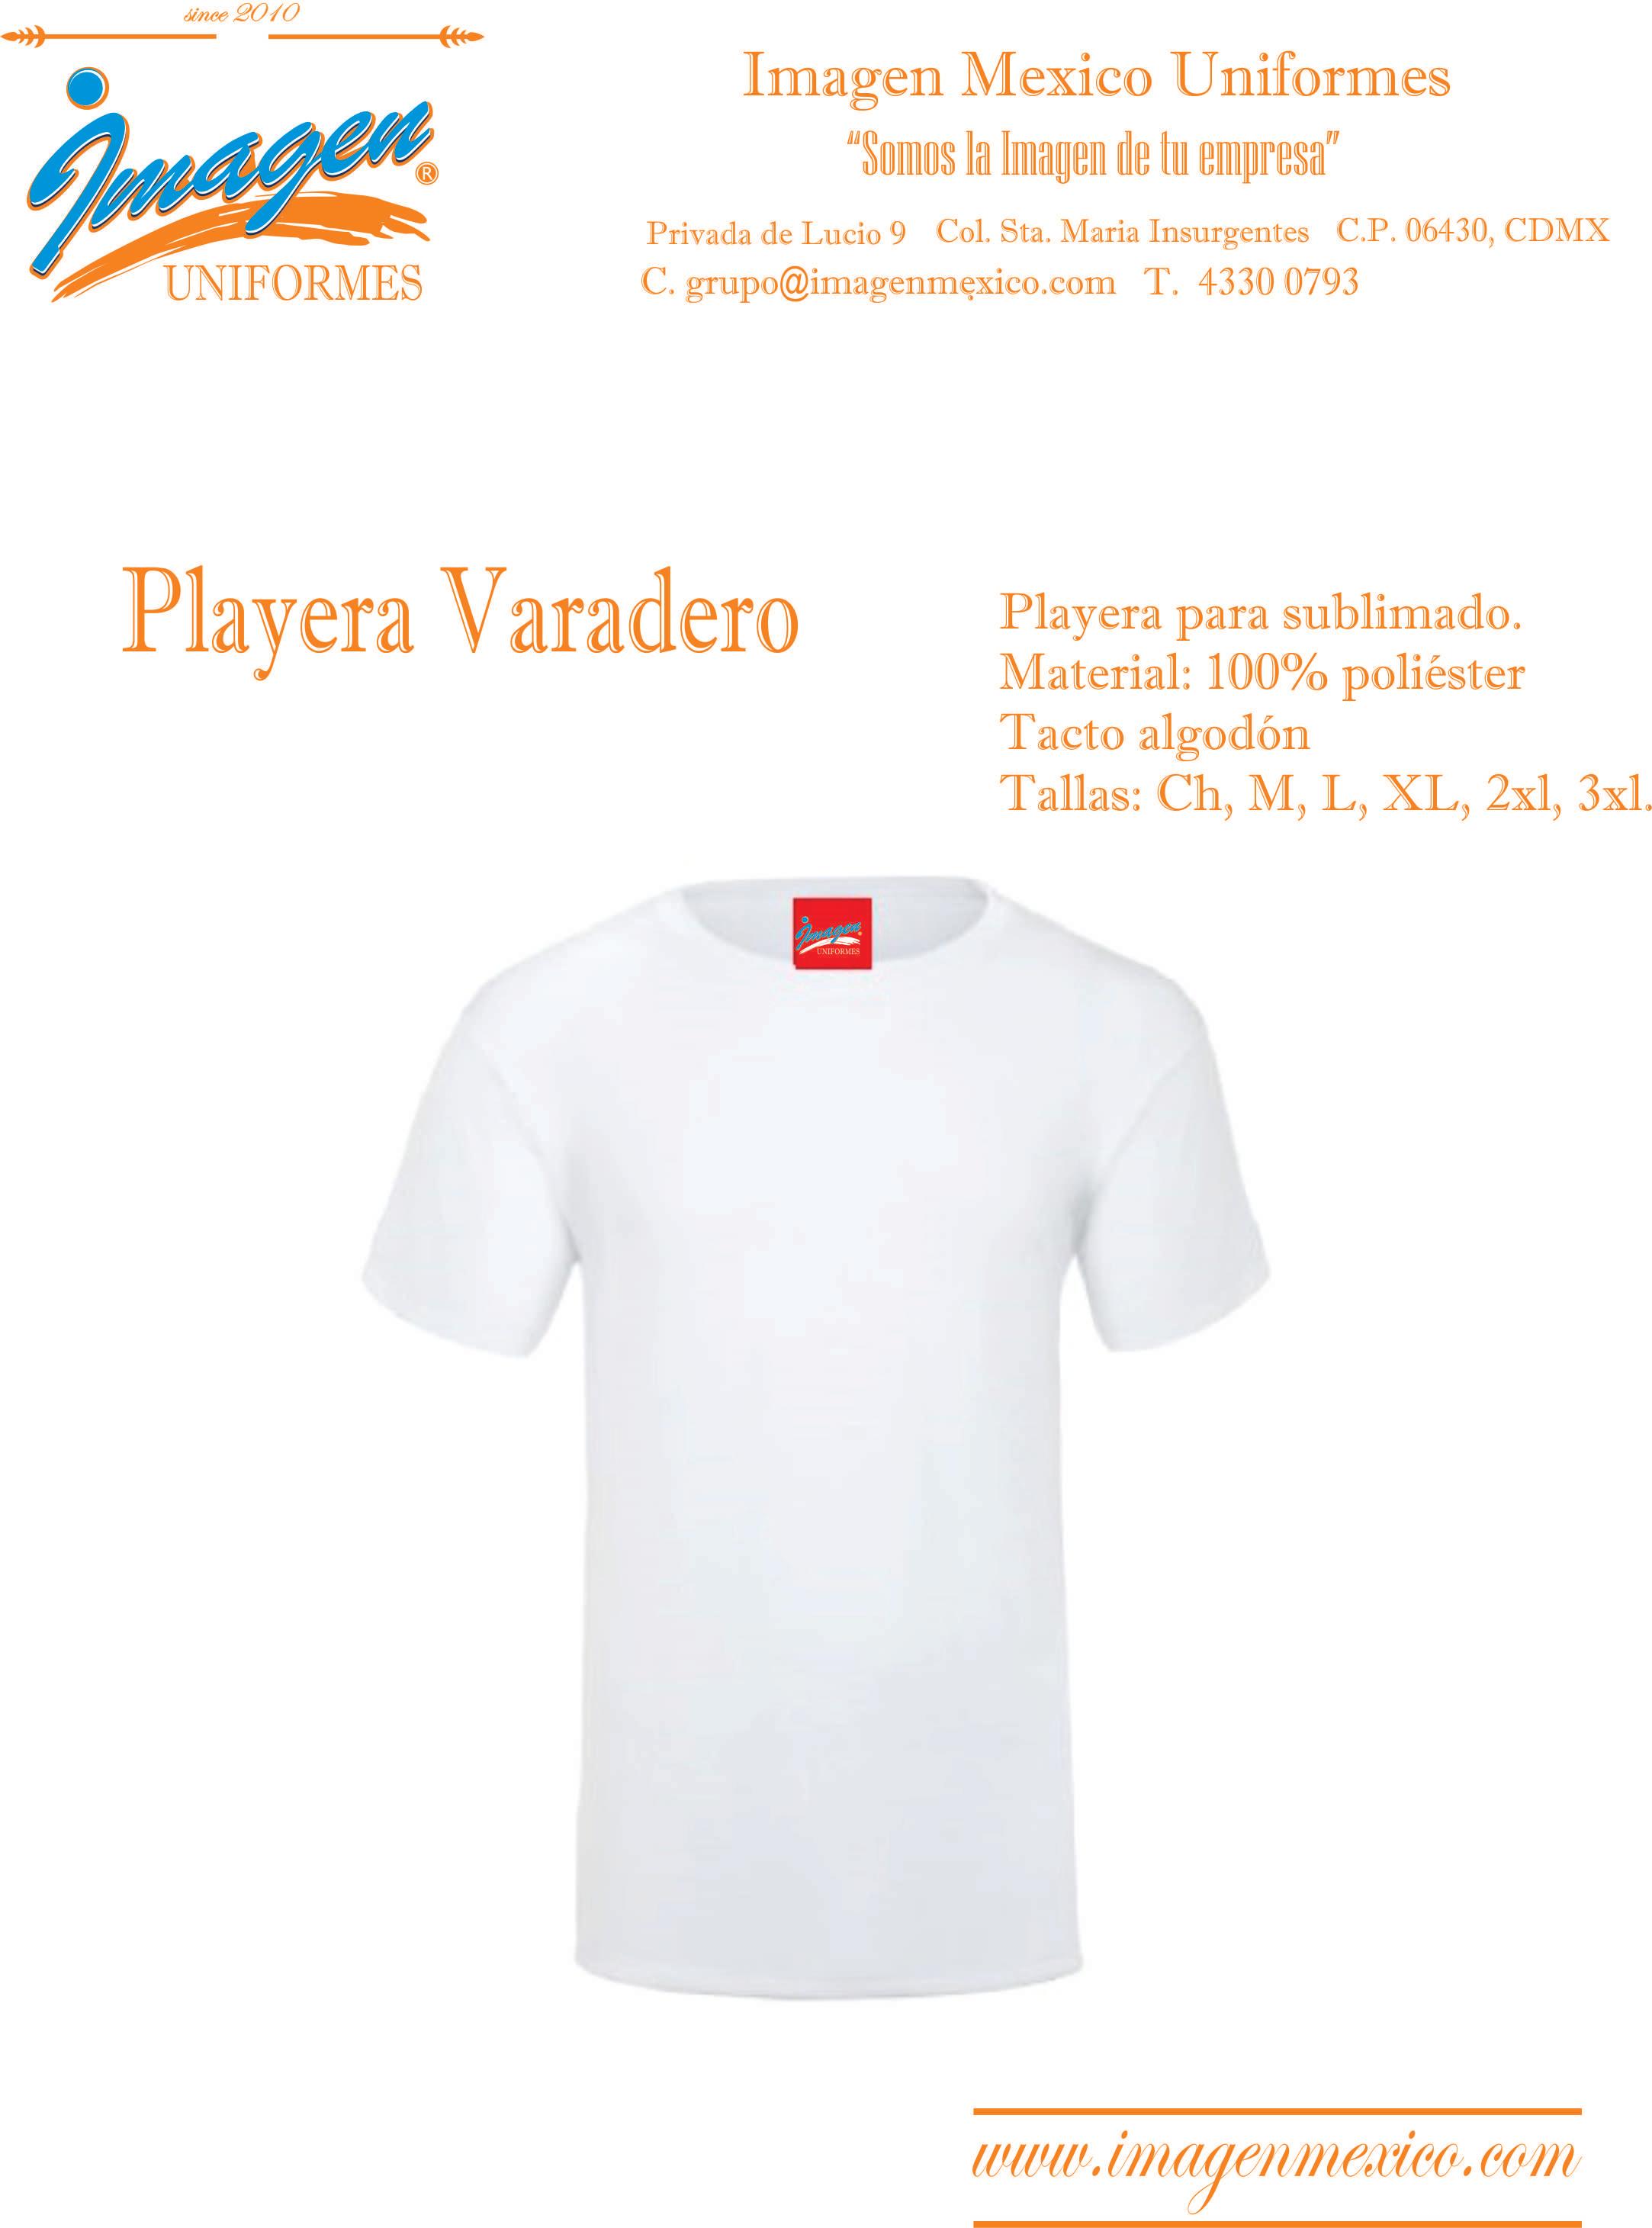 PLAYERA VARADERO PARA SUBLIMADO